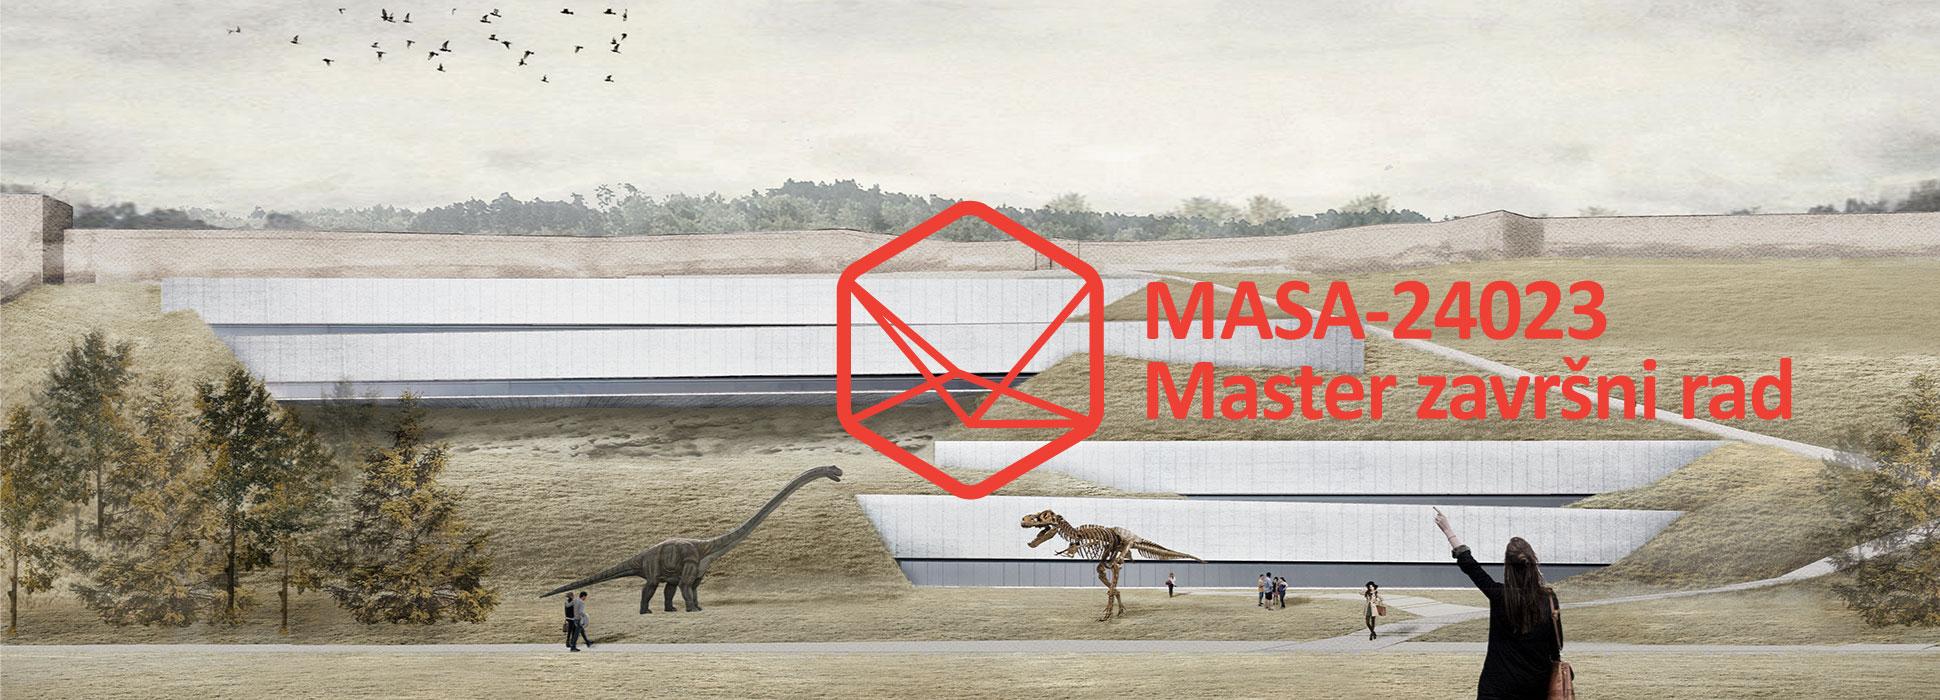 201516_MASA-24023_cover